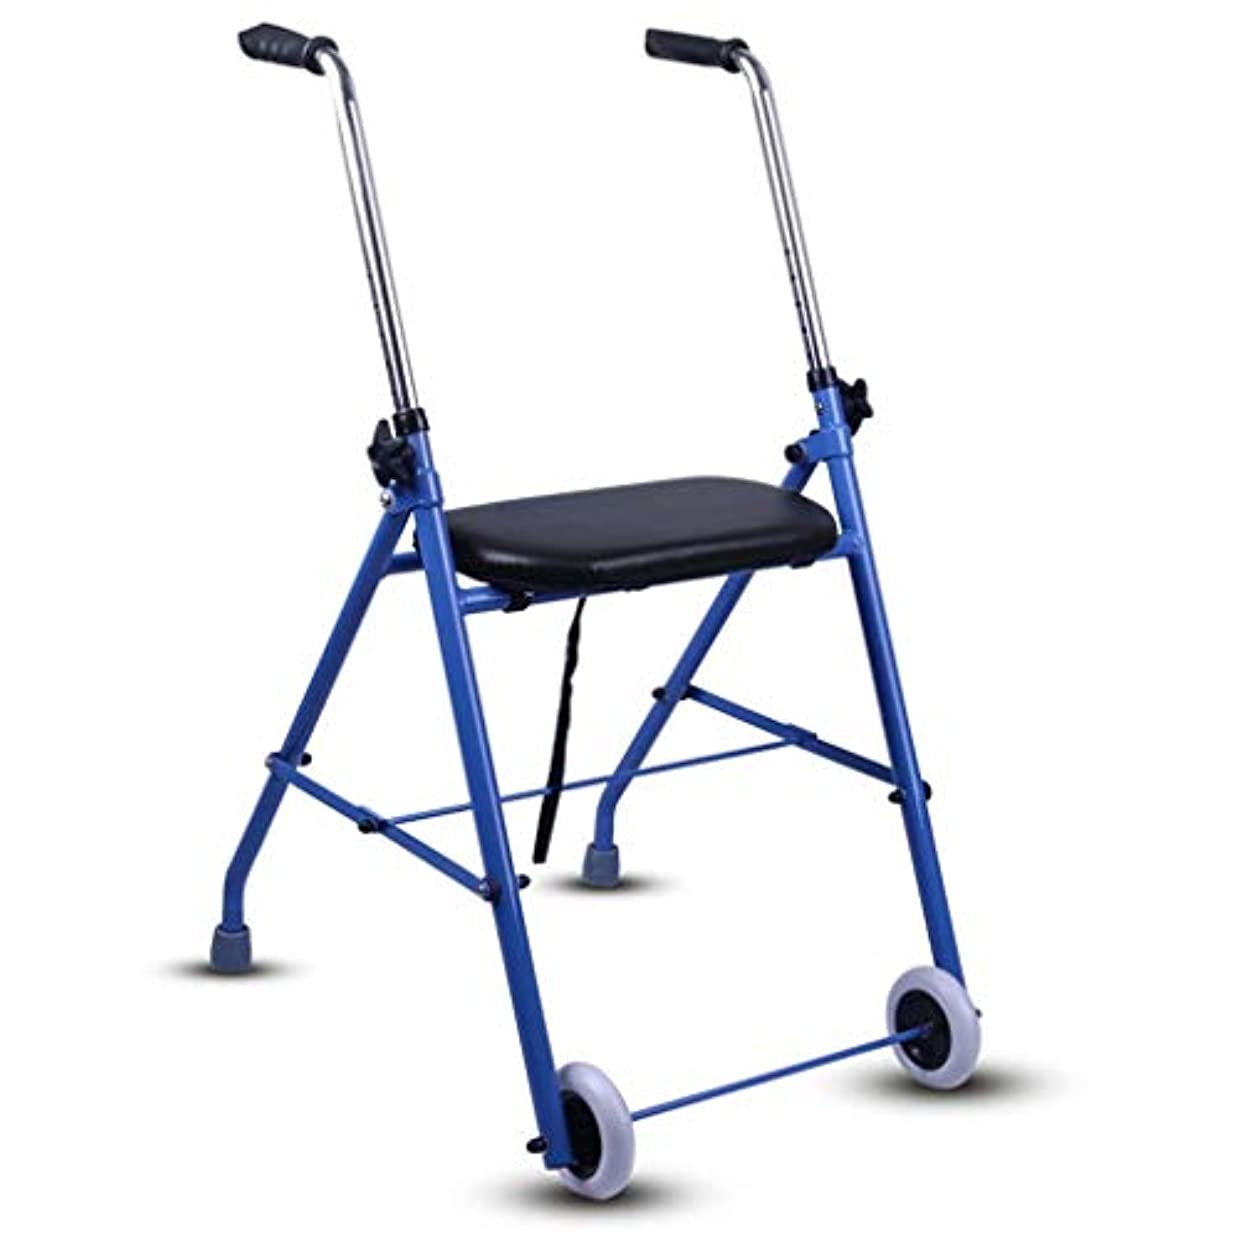 納税者定刻一握りパッド入りシート、高さ調節可能ハンドル、背部サポート付き高齢者向け折りたたみ補助歩行器付き軽量アルミ製歩行器